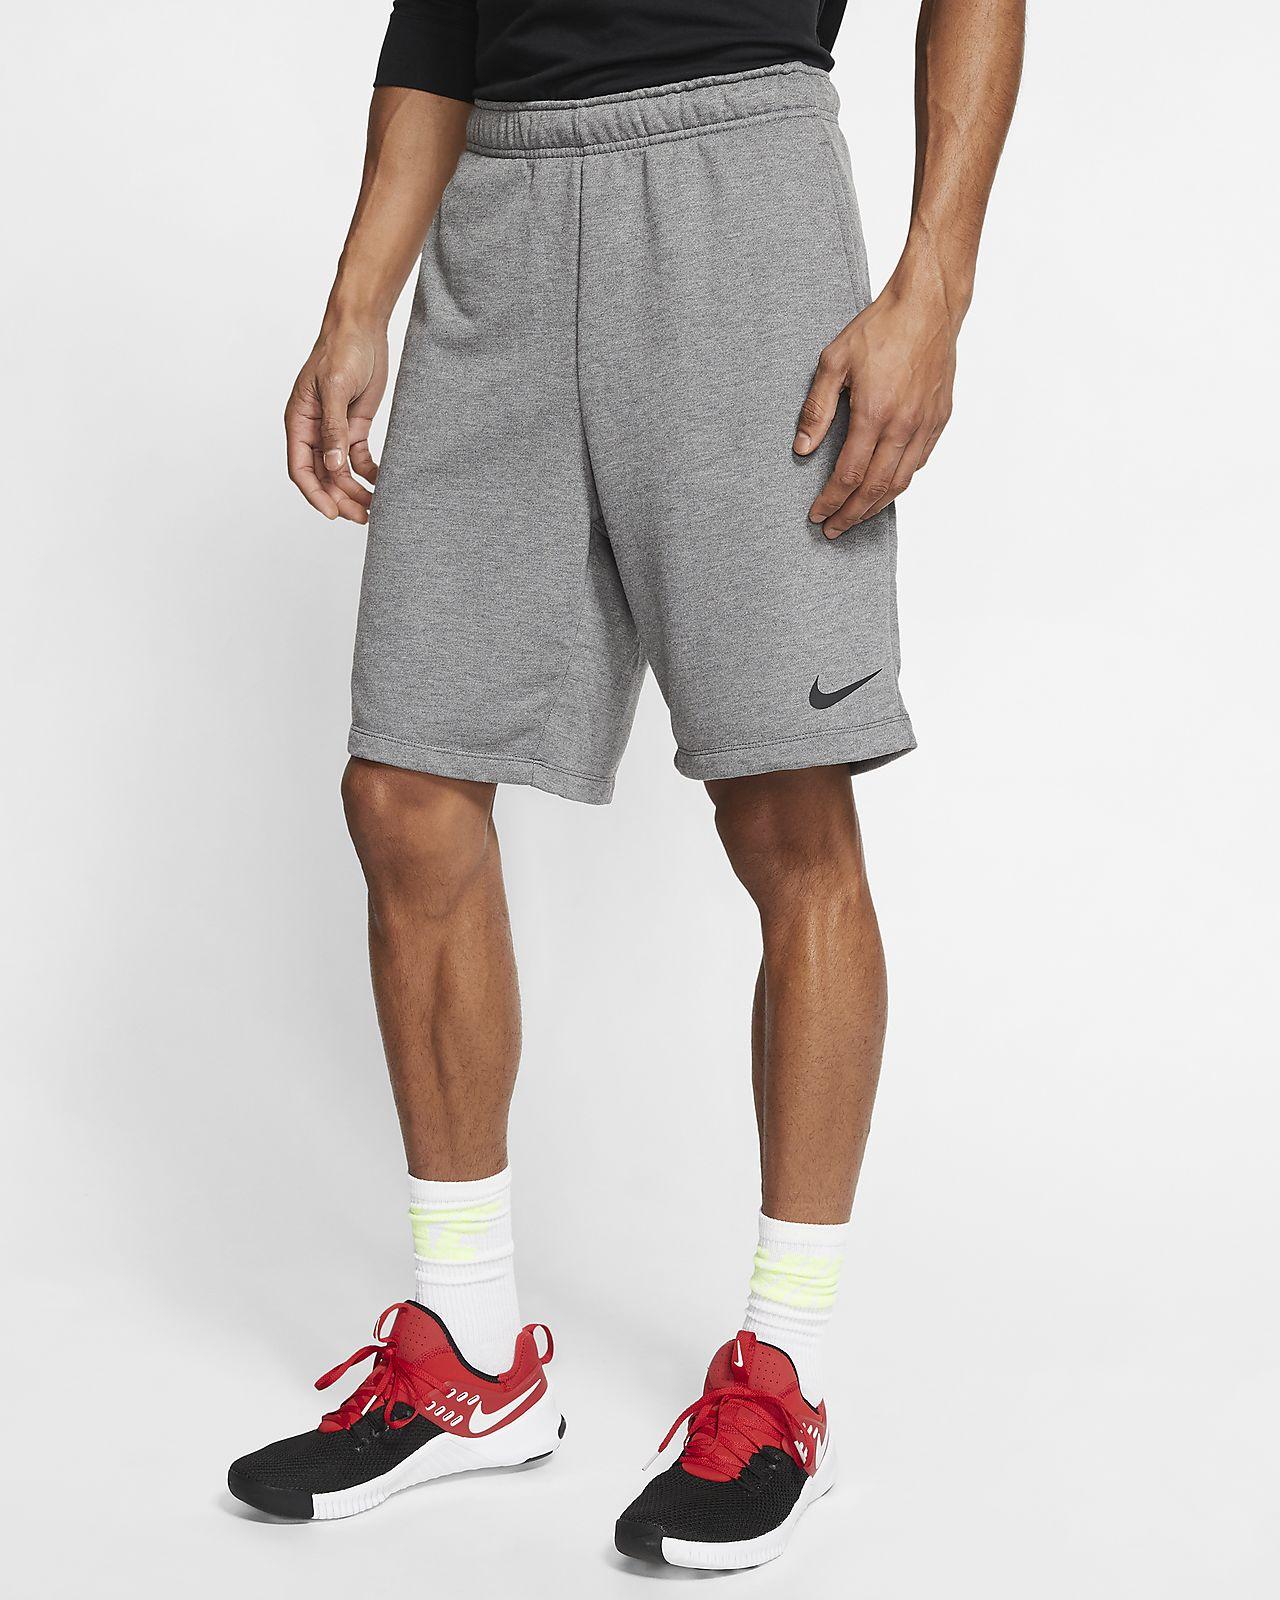 Criança Treino e ginásio Calções. Nike PT